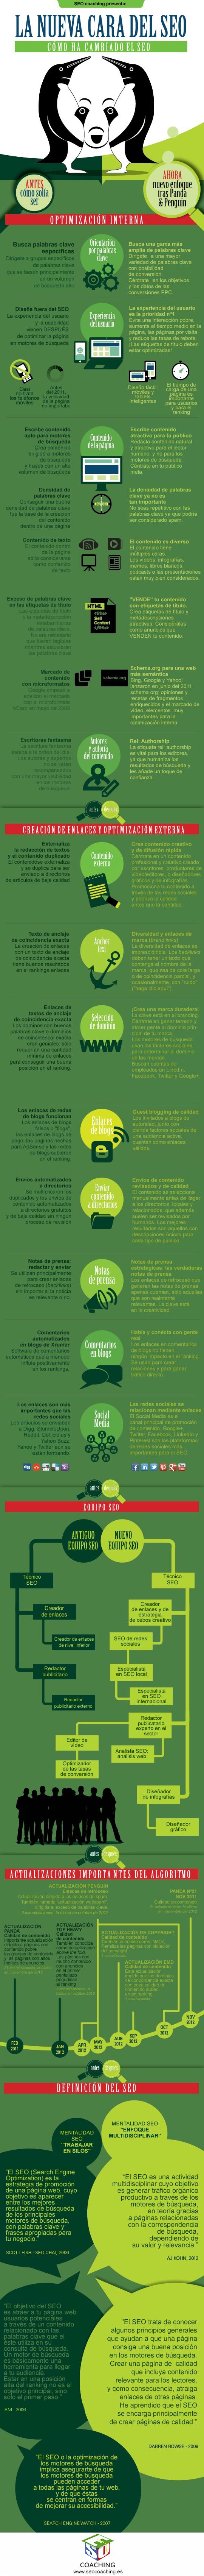 El #SEO se adapta a los tiempos cambiando su discurso y sus técnicas de #posicionamientoweb @solucionseo